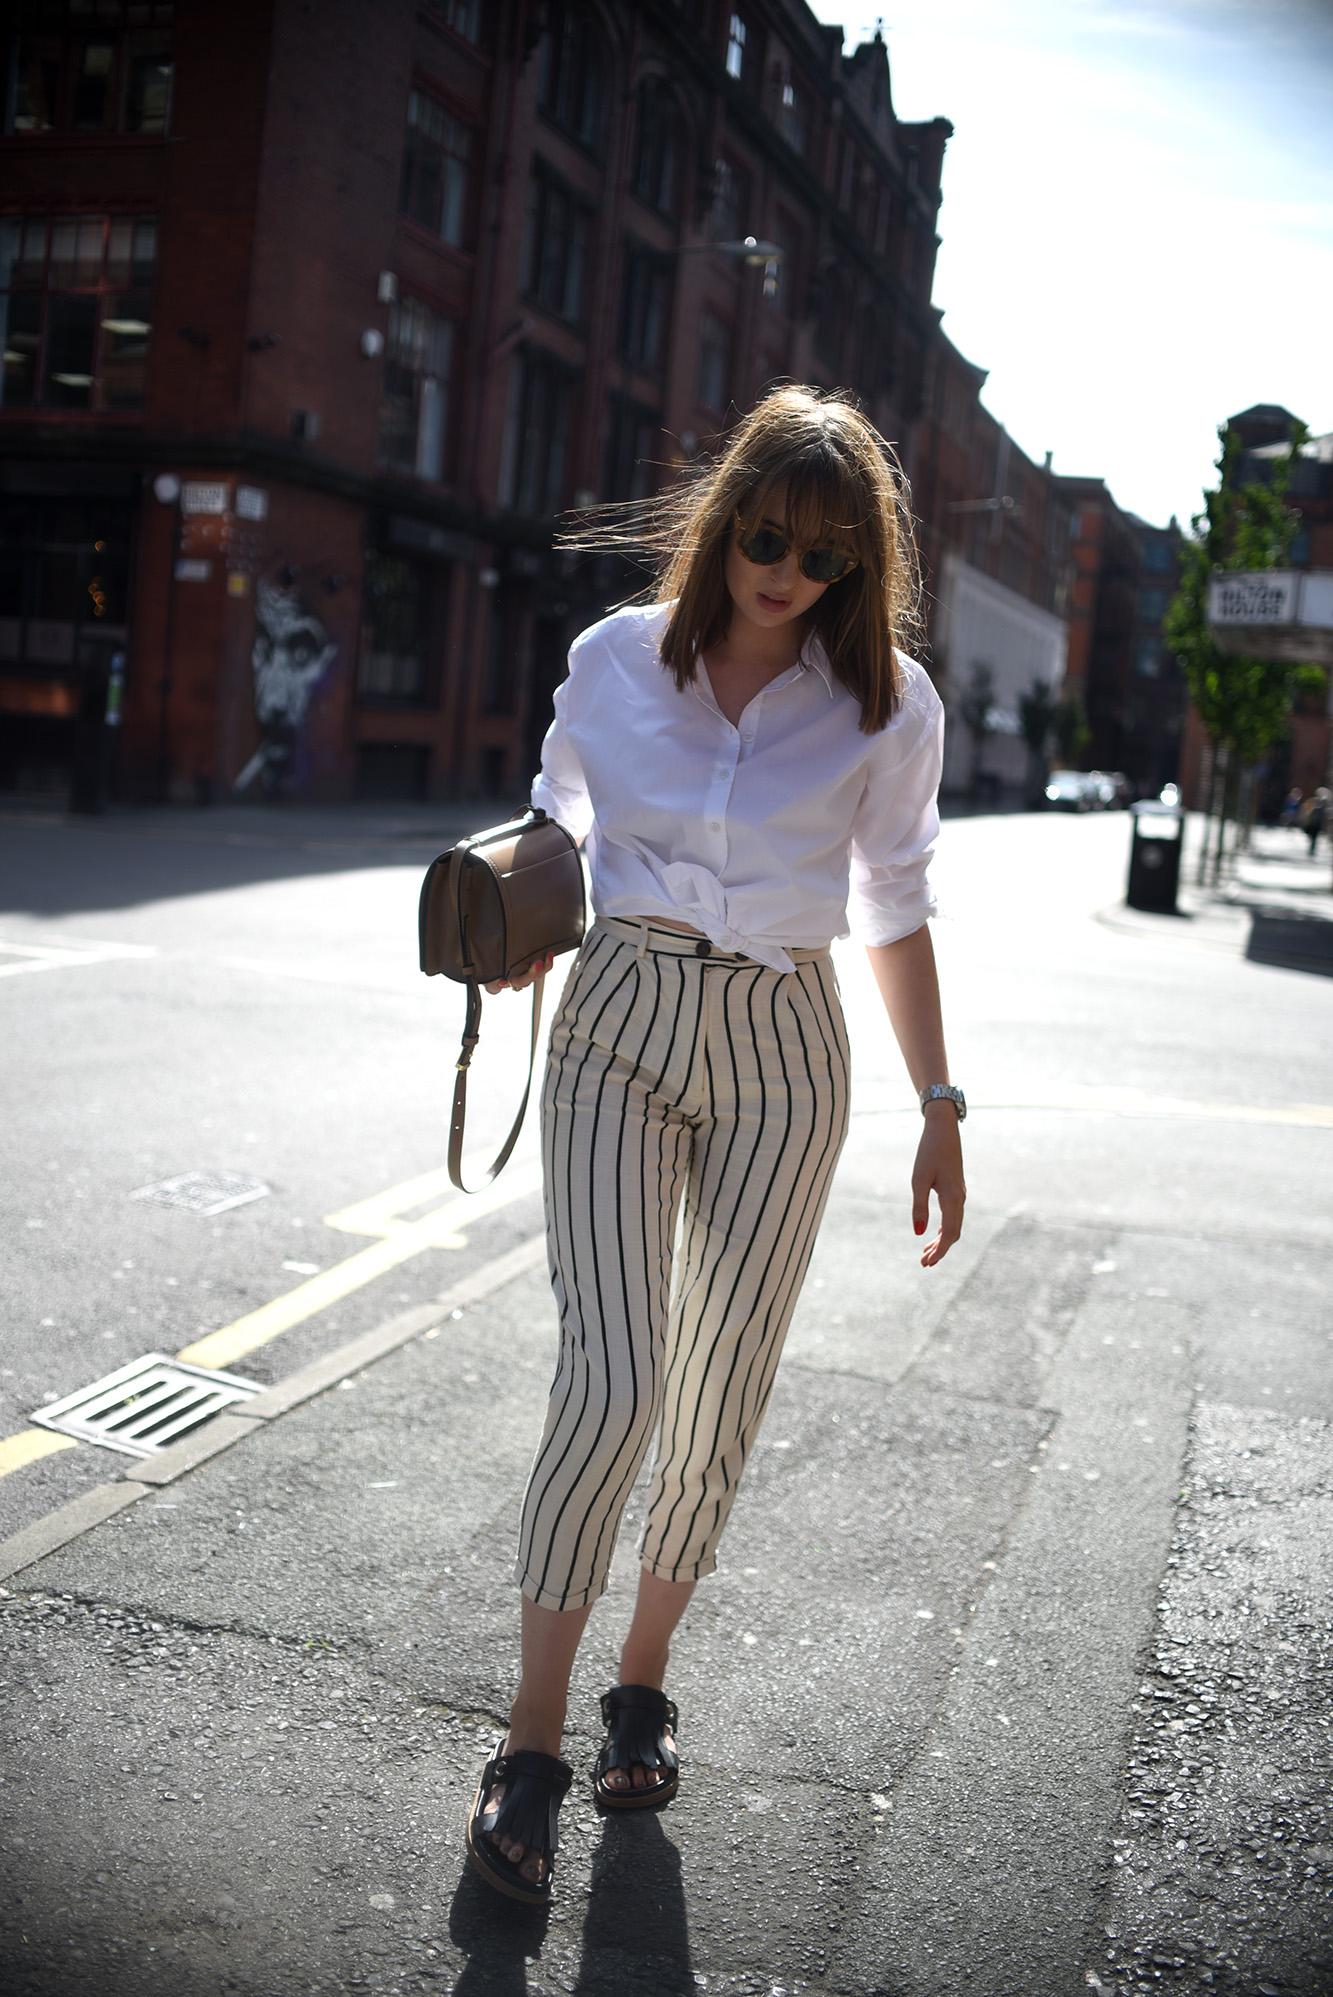 ShotFromTheStreet_StripedTrousers-16.jpg